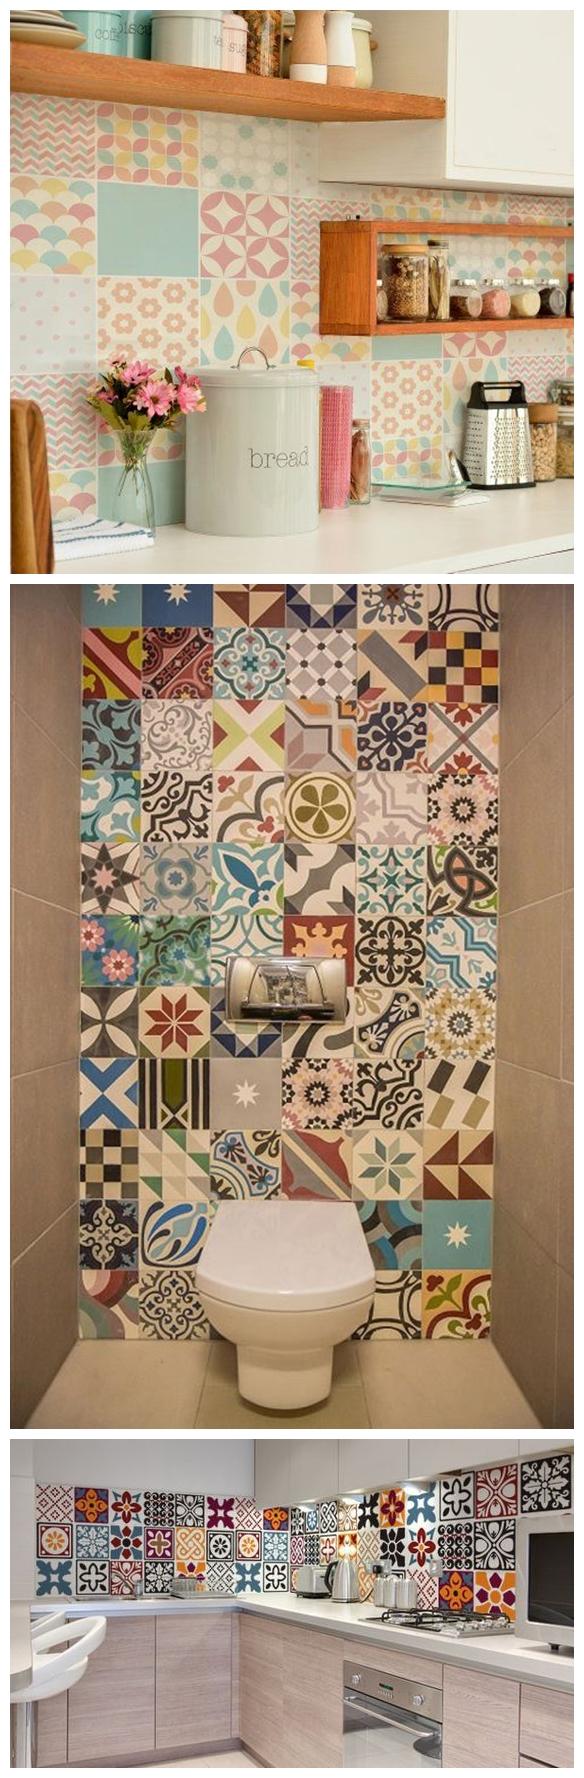 adesivos de parede azulejos